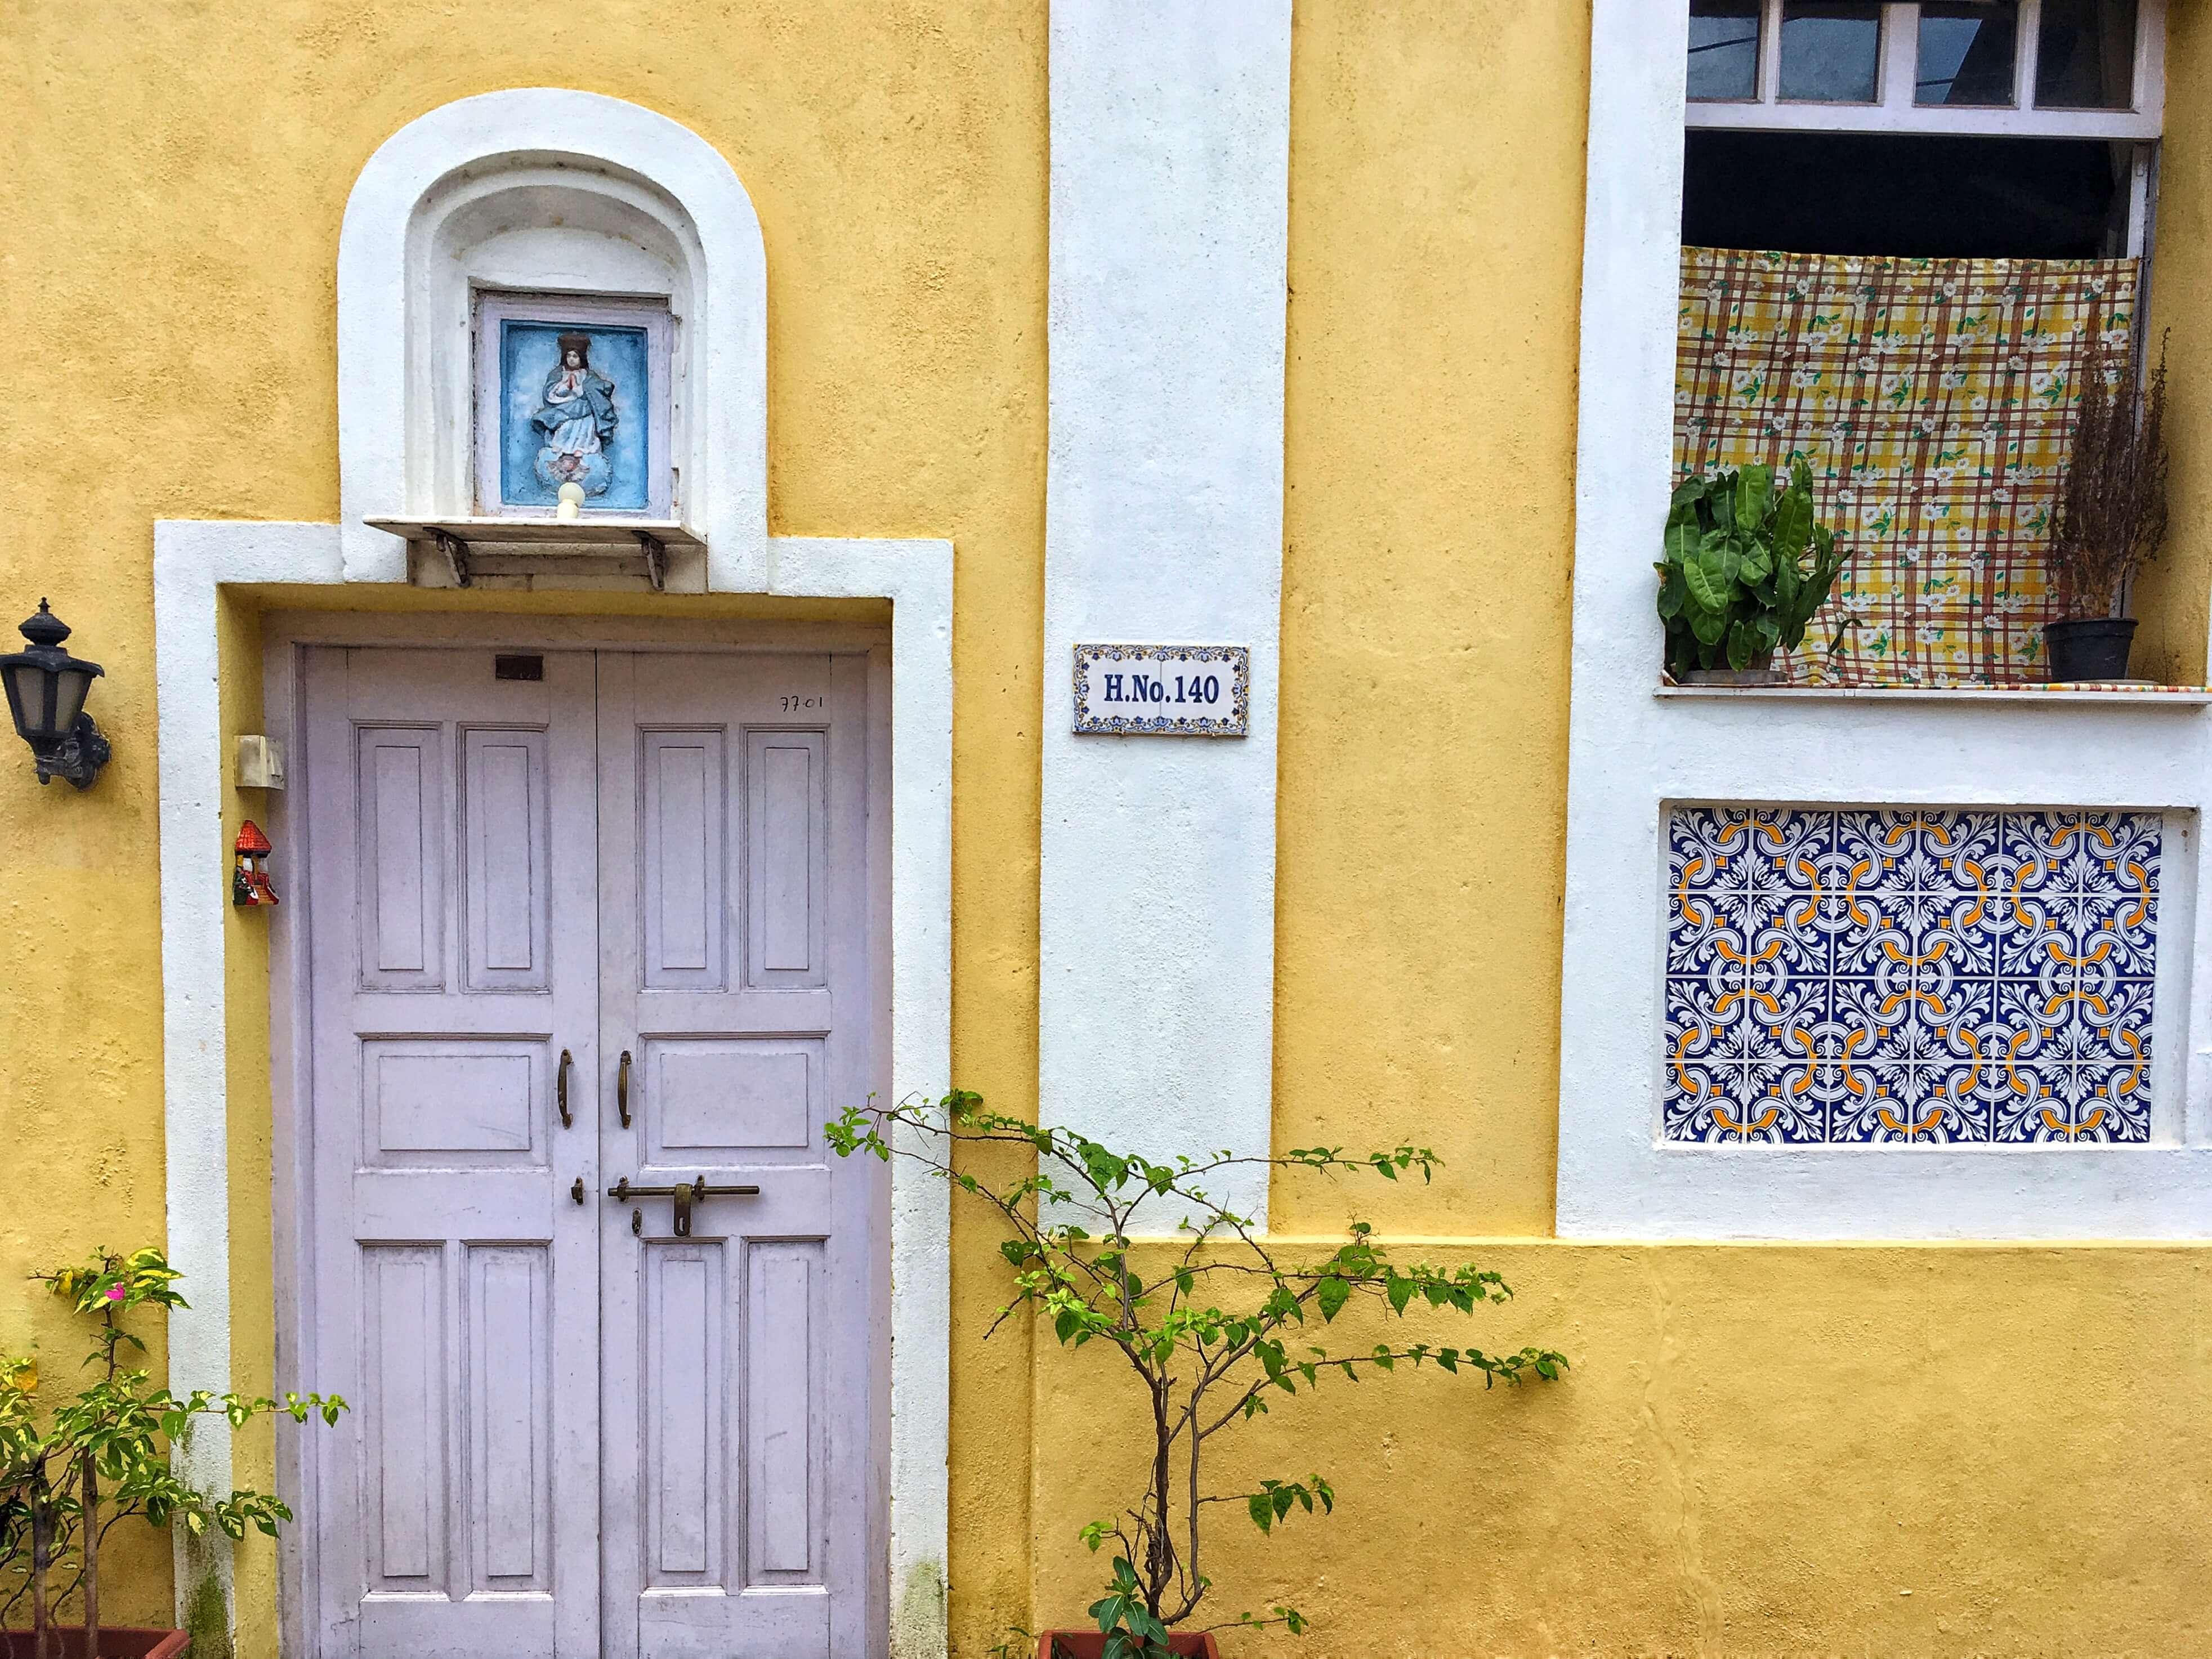 Yellow building in Panaji, Goa